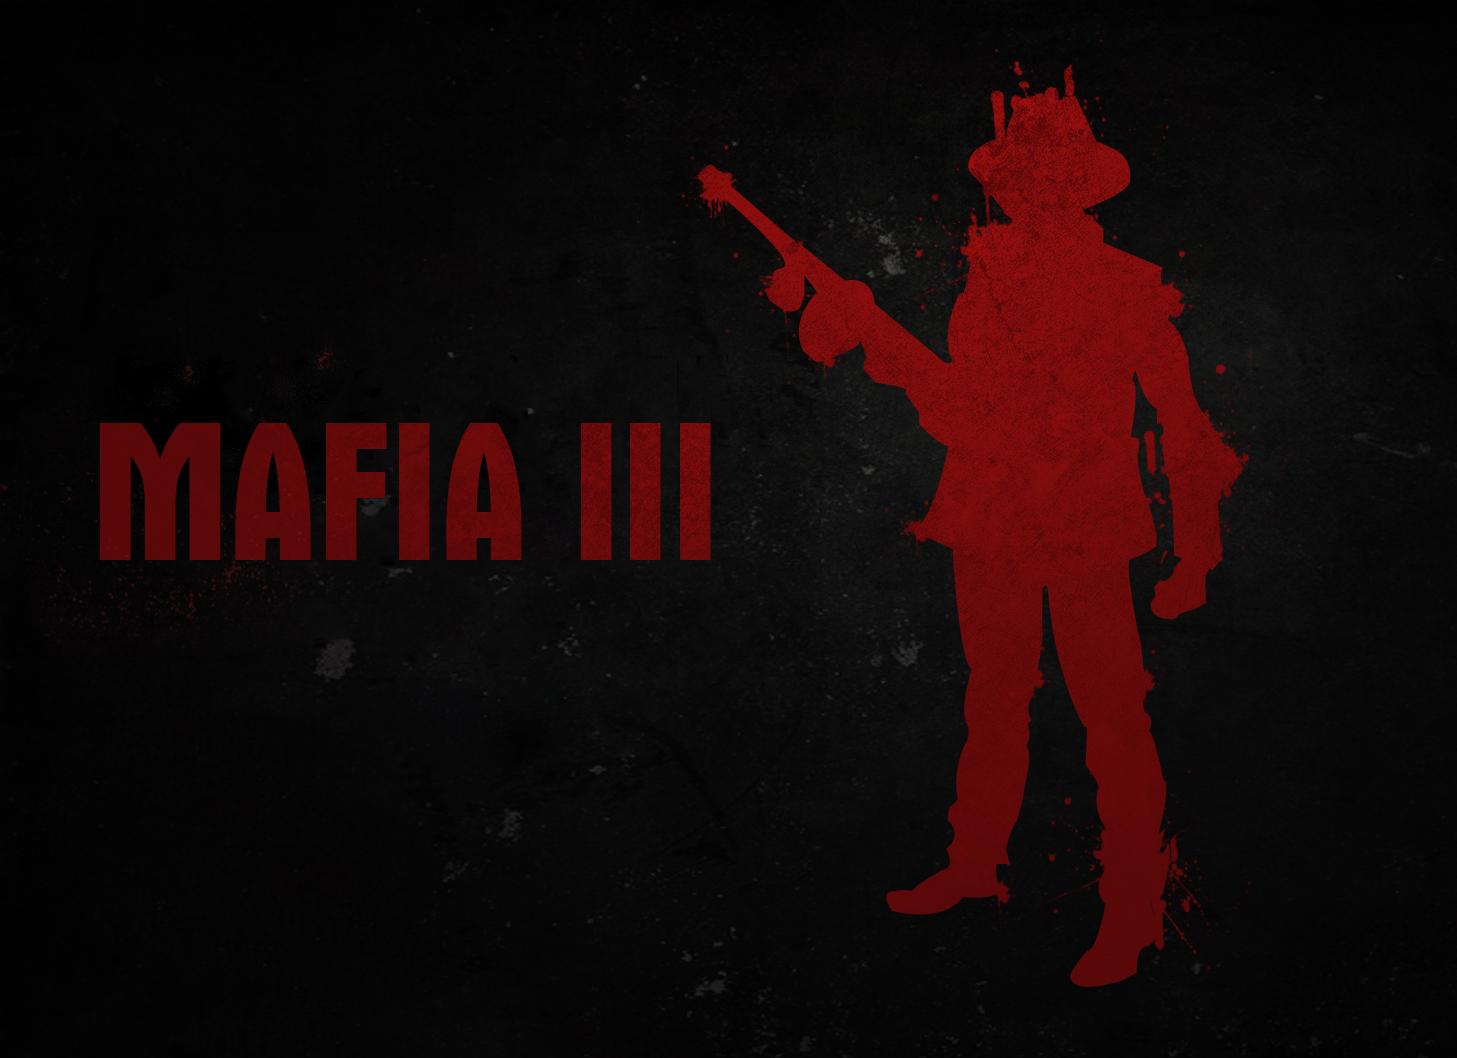 mafia-iii-possibile-logo